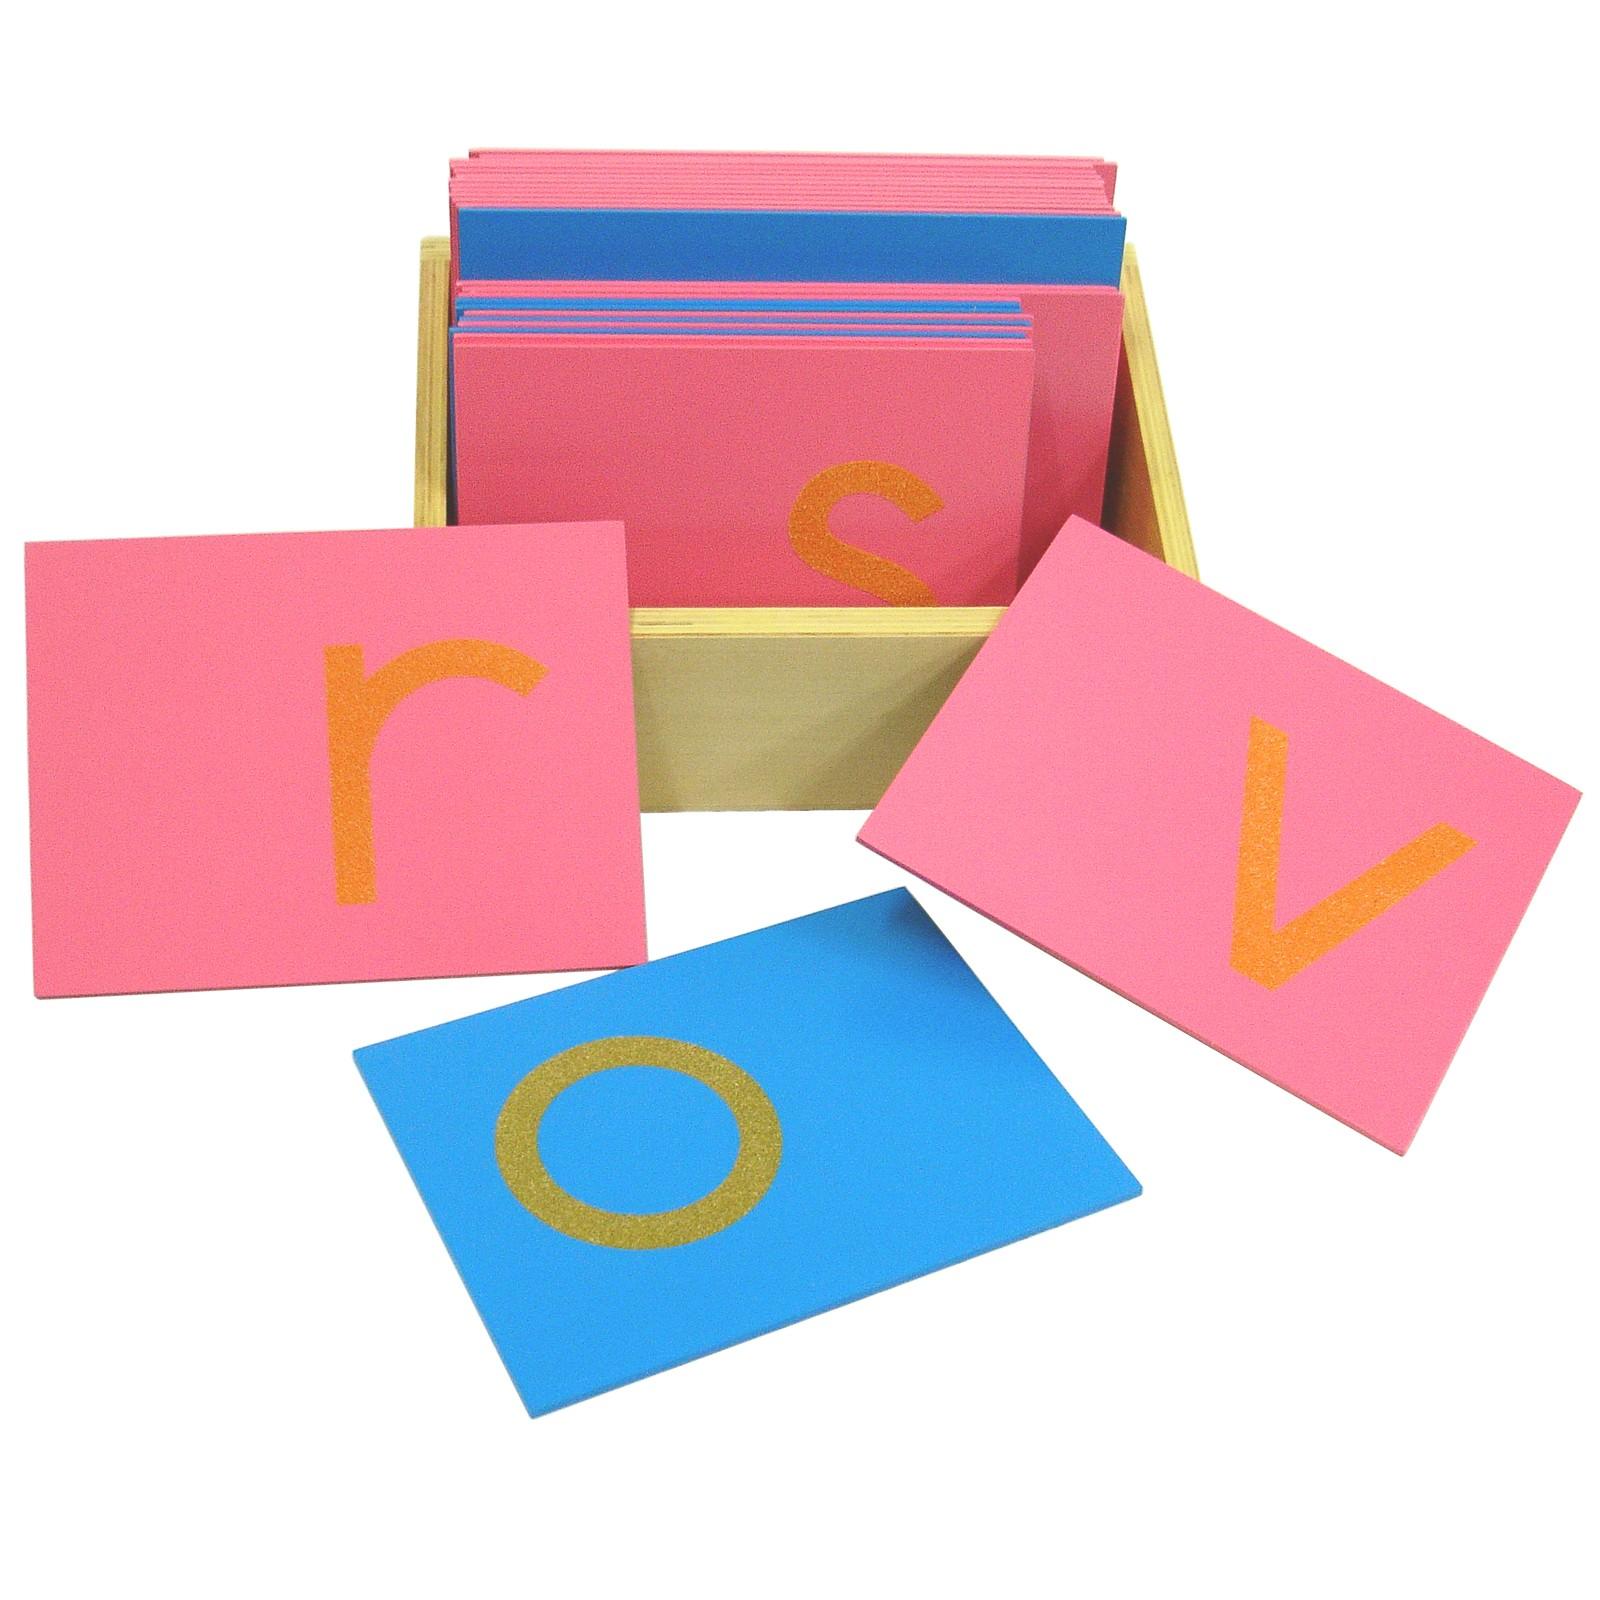 Hmatová písmena (tiskací písmo - malé - americká norma)